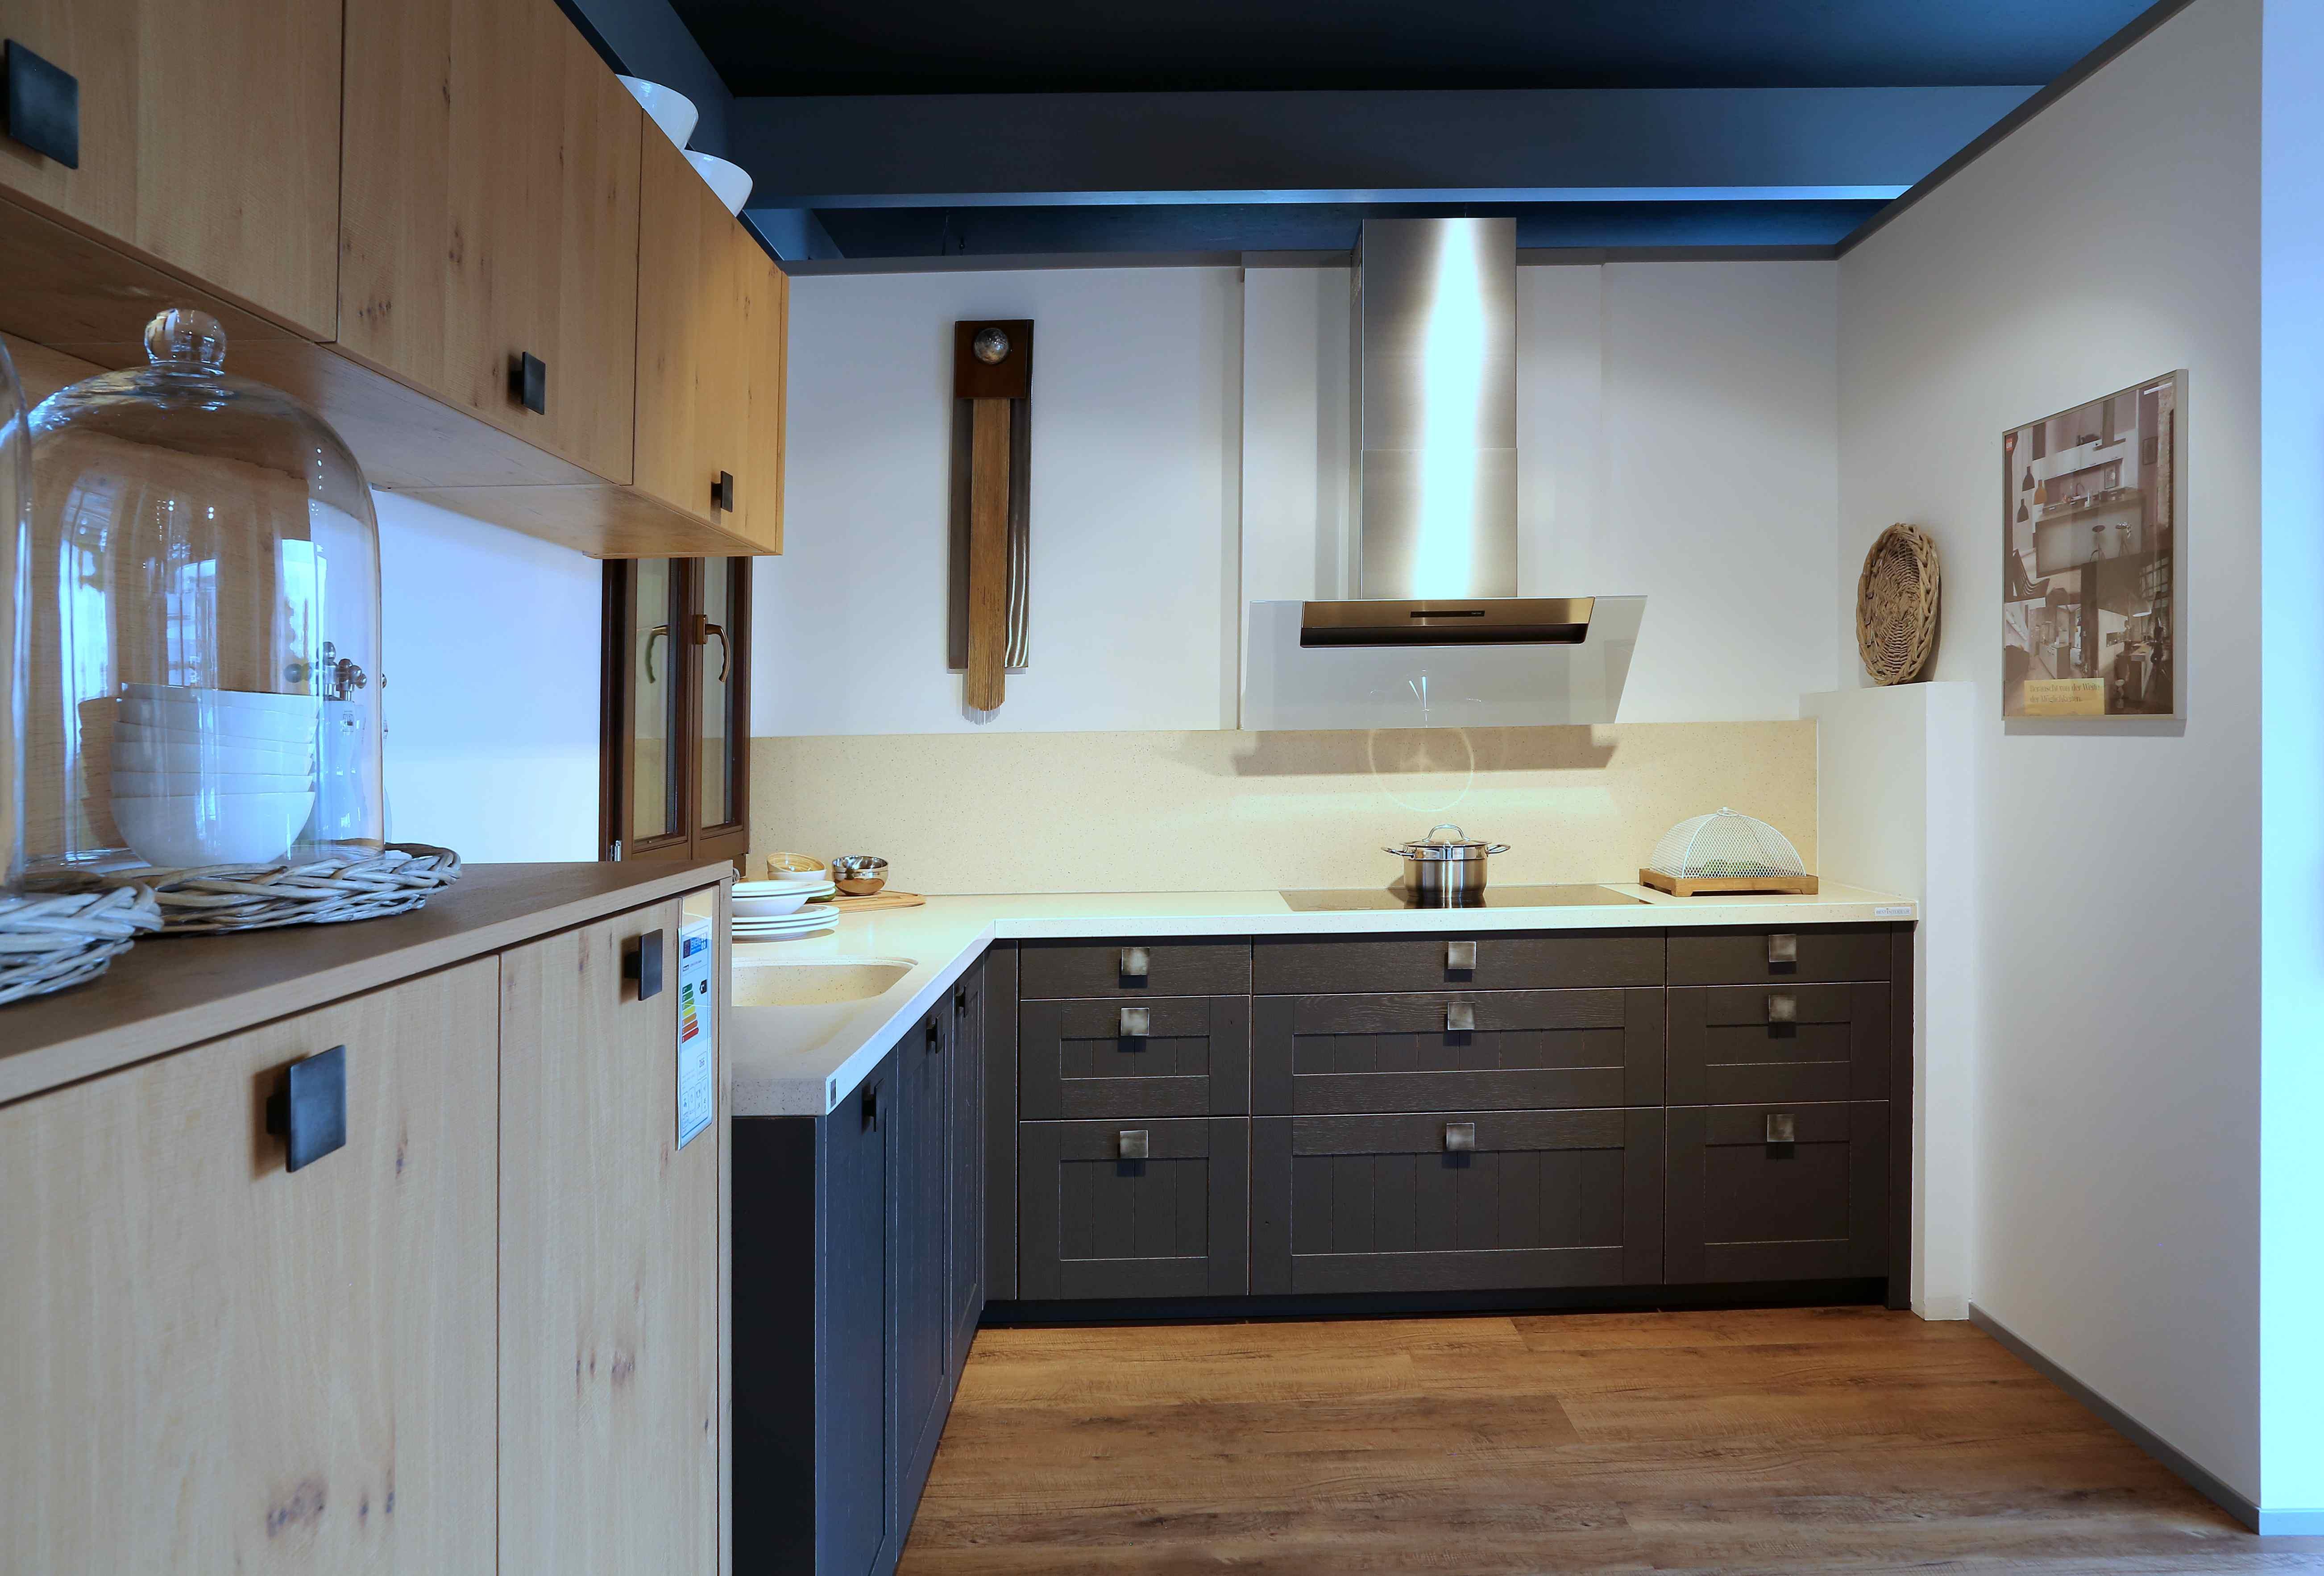 mein ausstellungsst ck k che avalon castel eiche. Black Bedroom Furniture Sets. Home Design Ideas